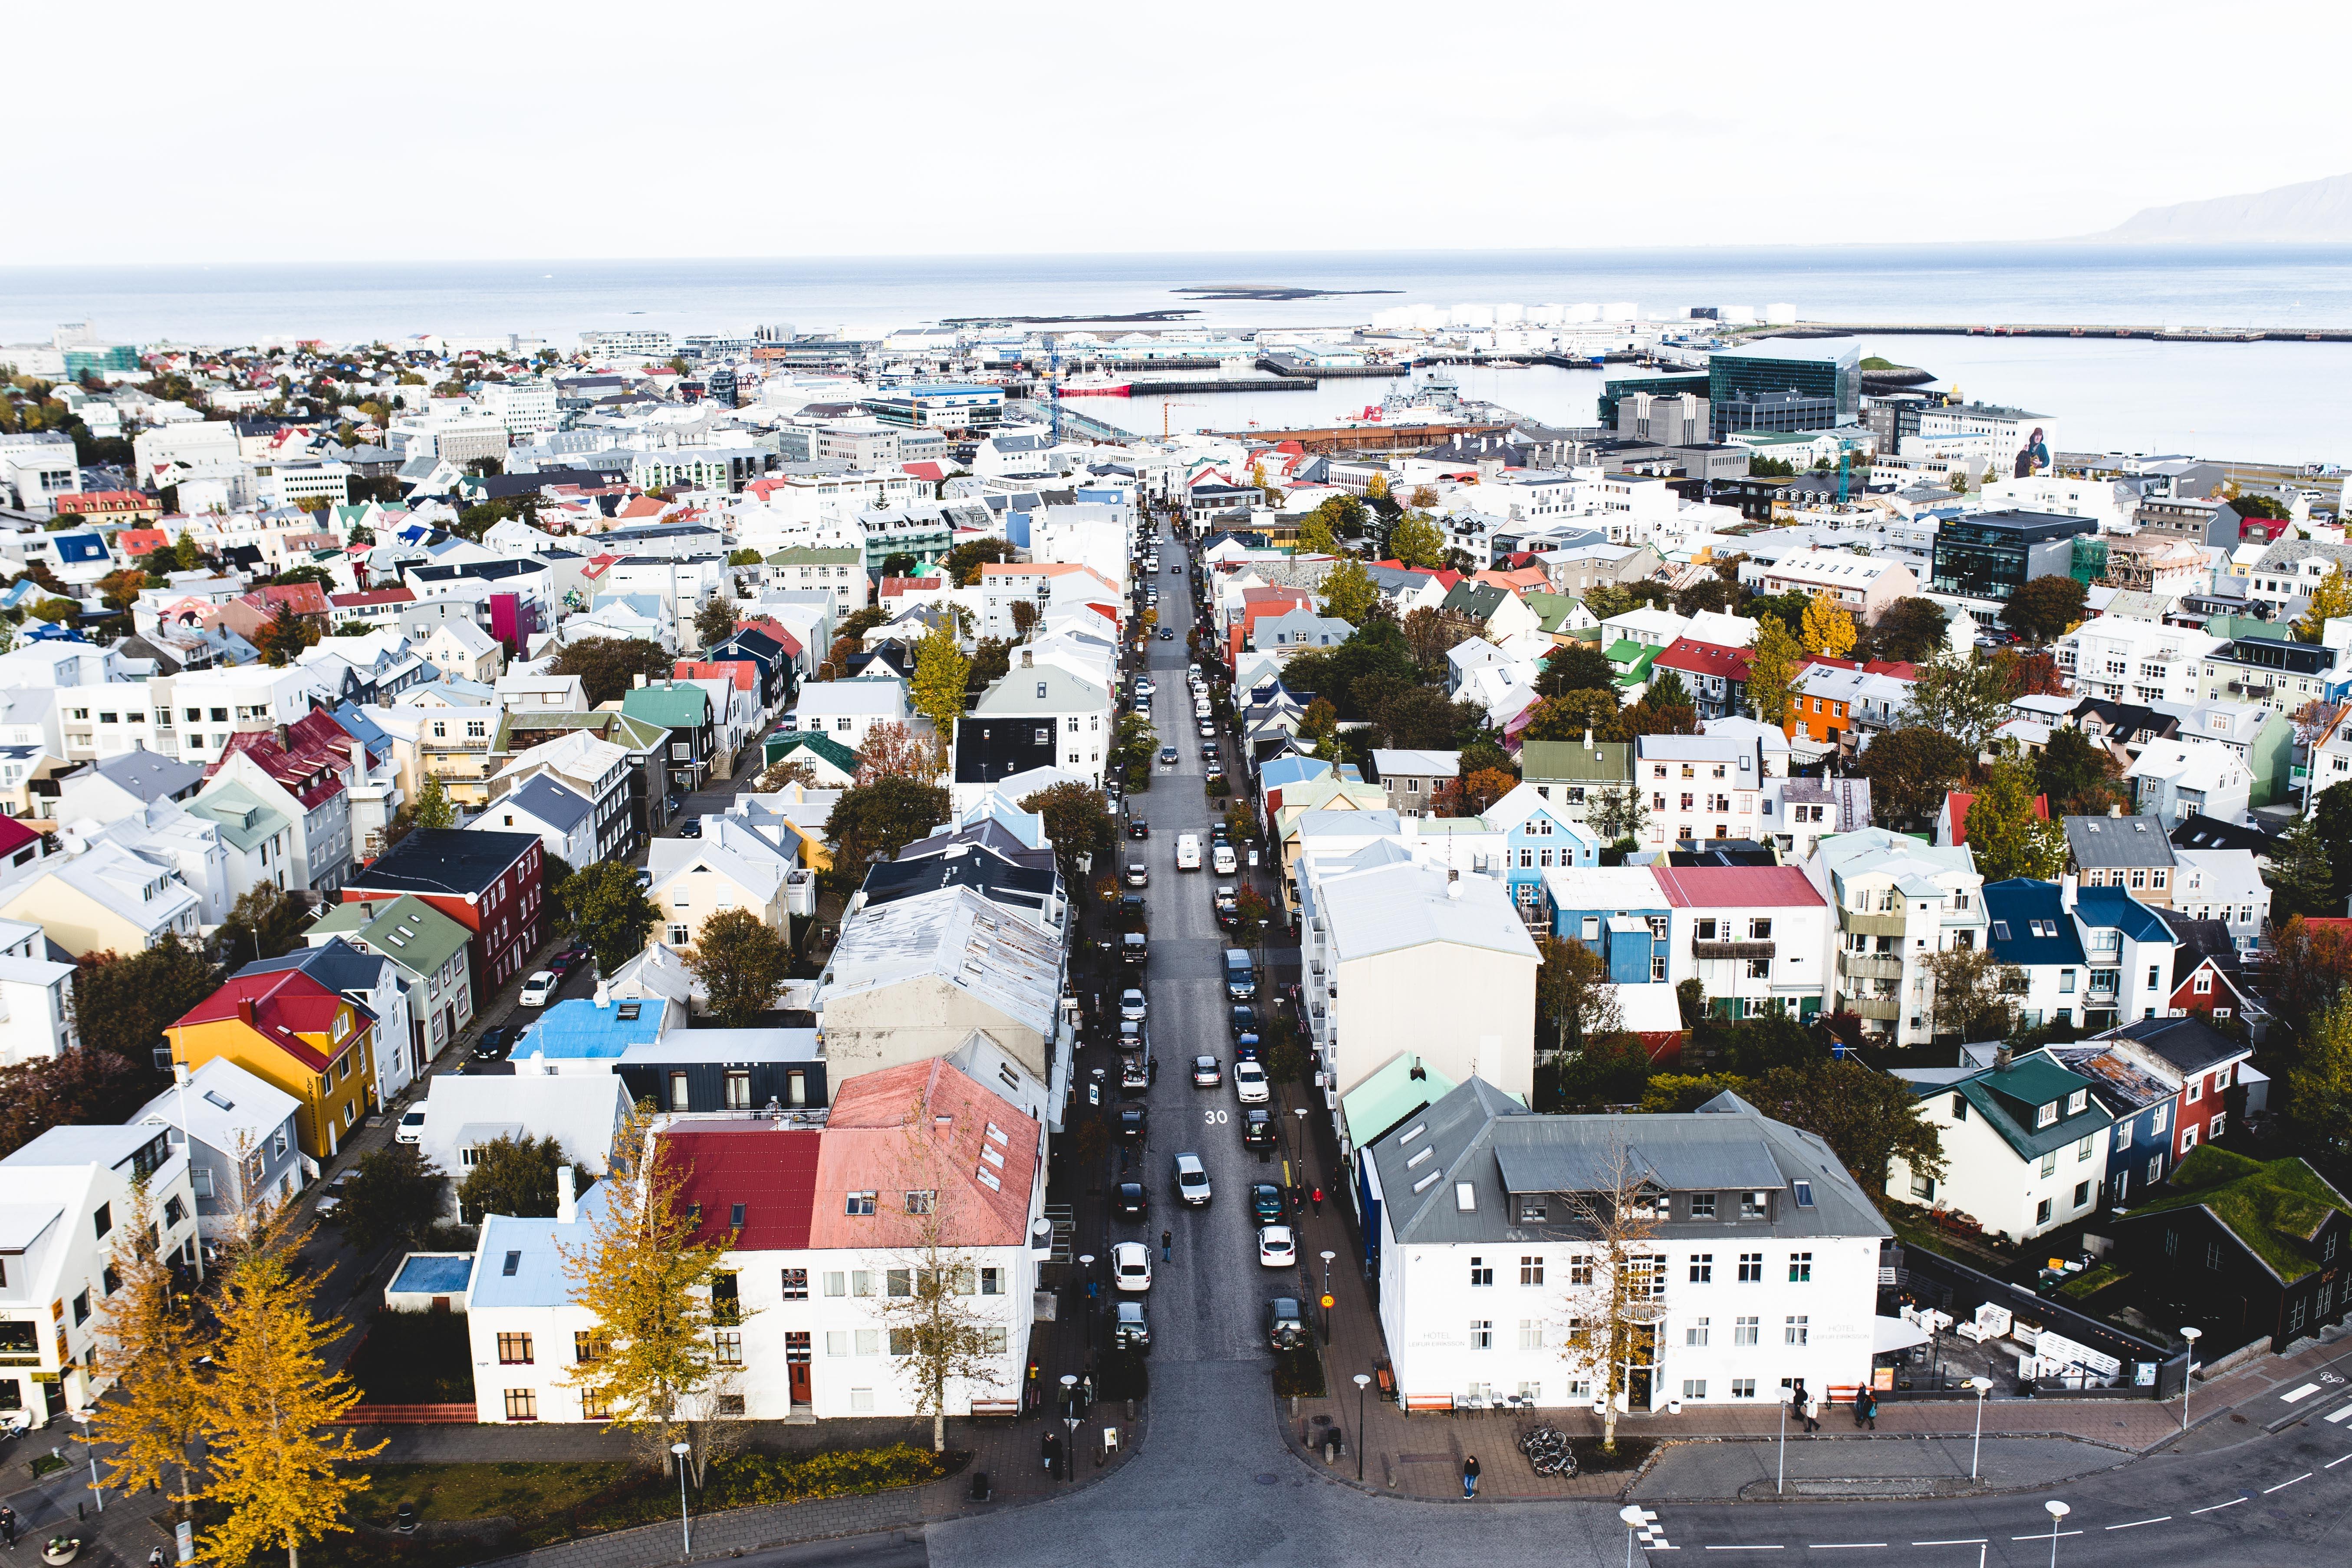 冰岛经典冰火之旅6日游 中文向导 含杰古沙龙冰河湖 - day 1